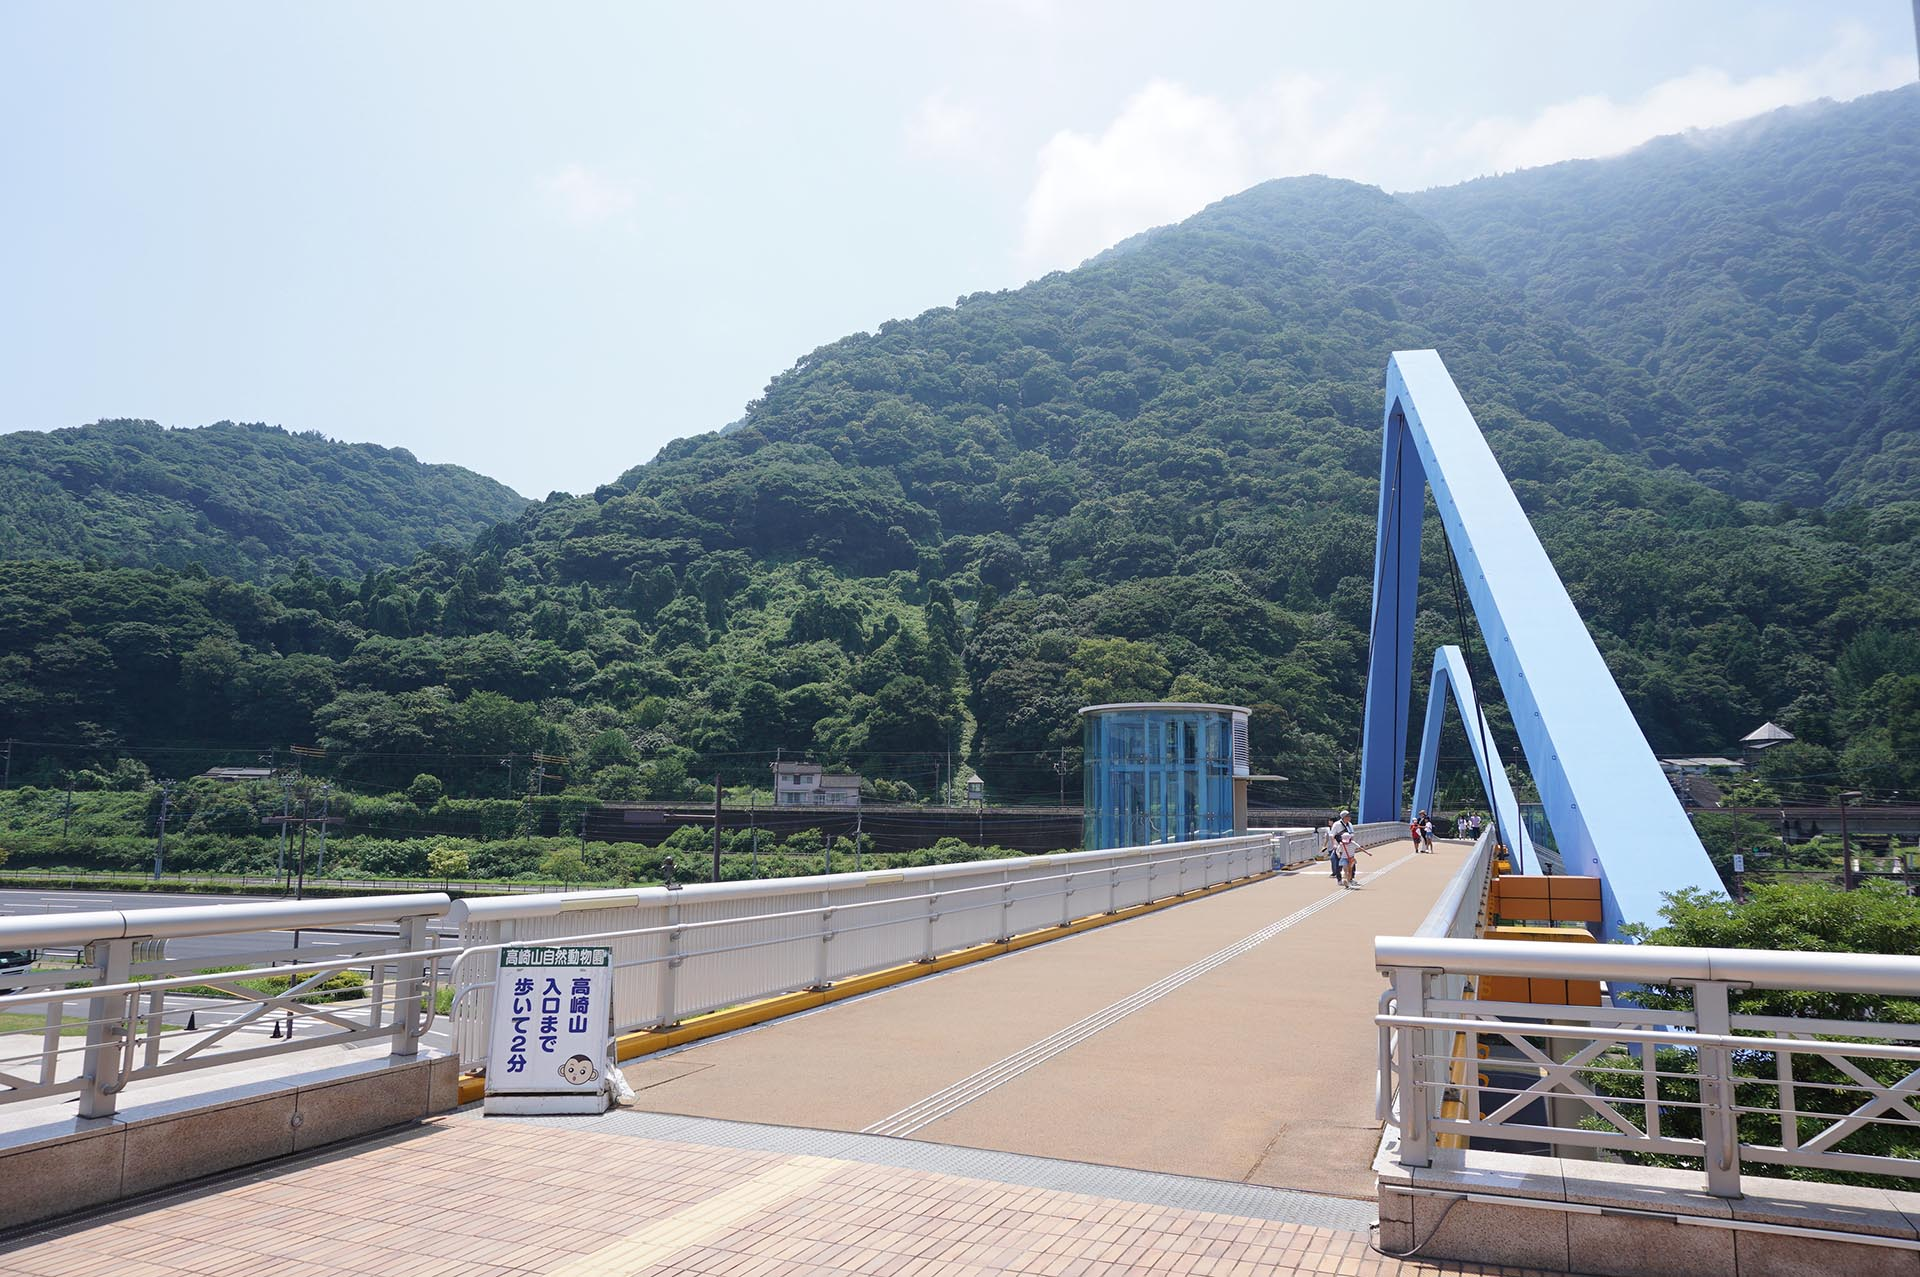 高崎山自然動物園とうみたまごをつなぐ歩道橋